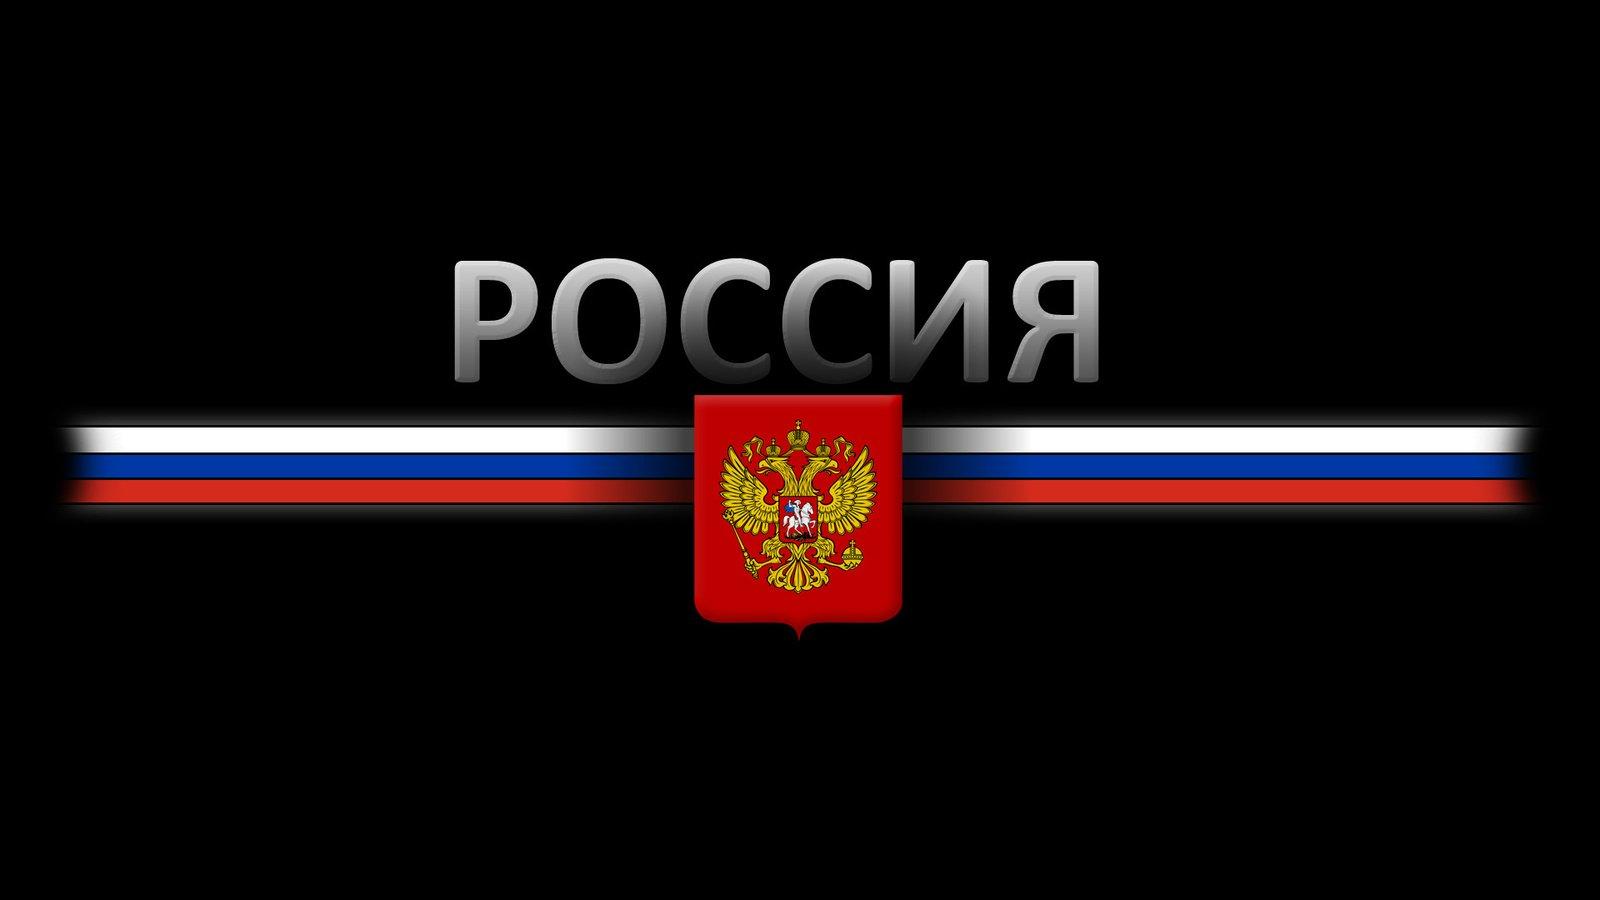 скачать обои на рабочий стол герб россии бесплатно 1366х768 № 170845 загрузить